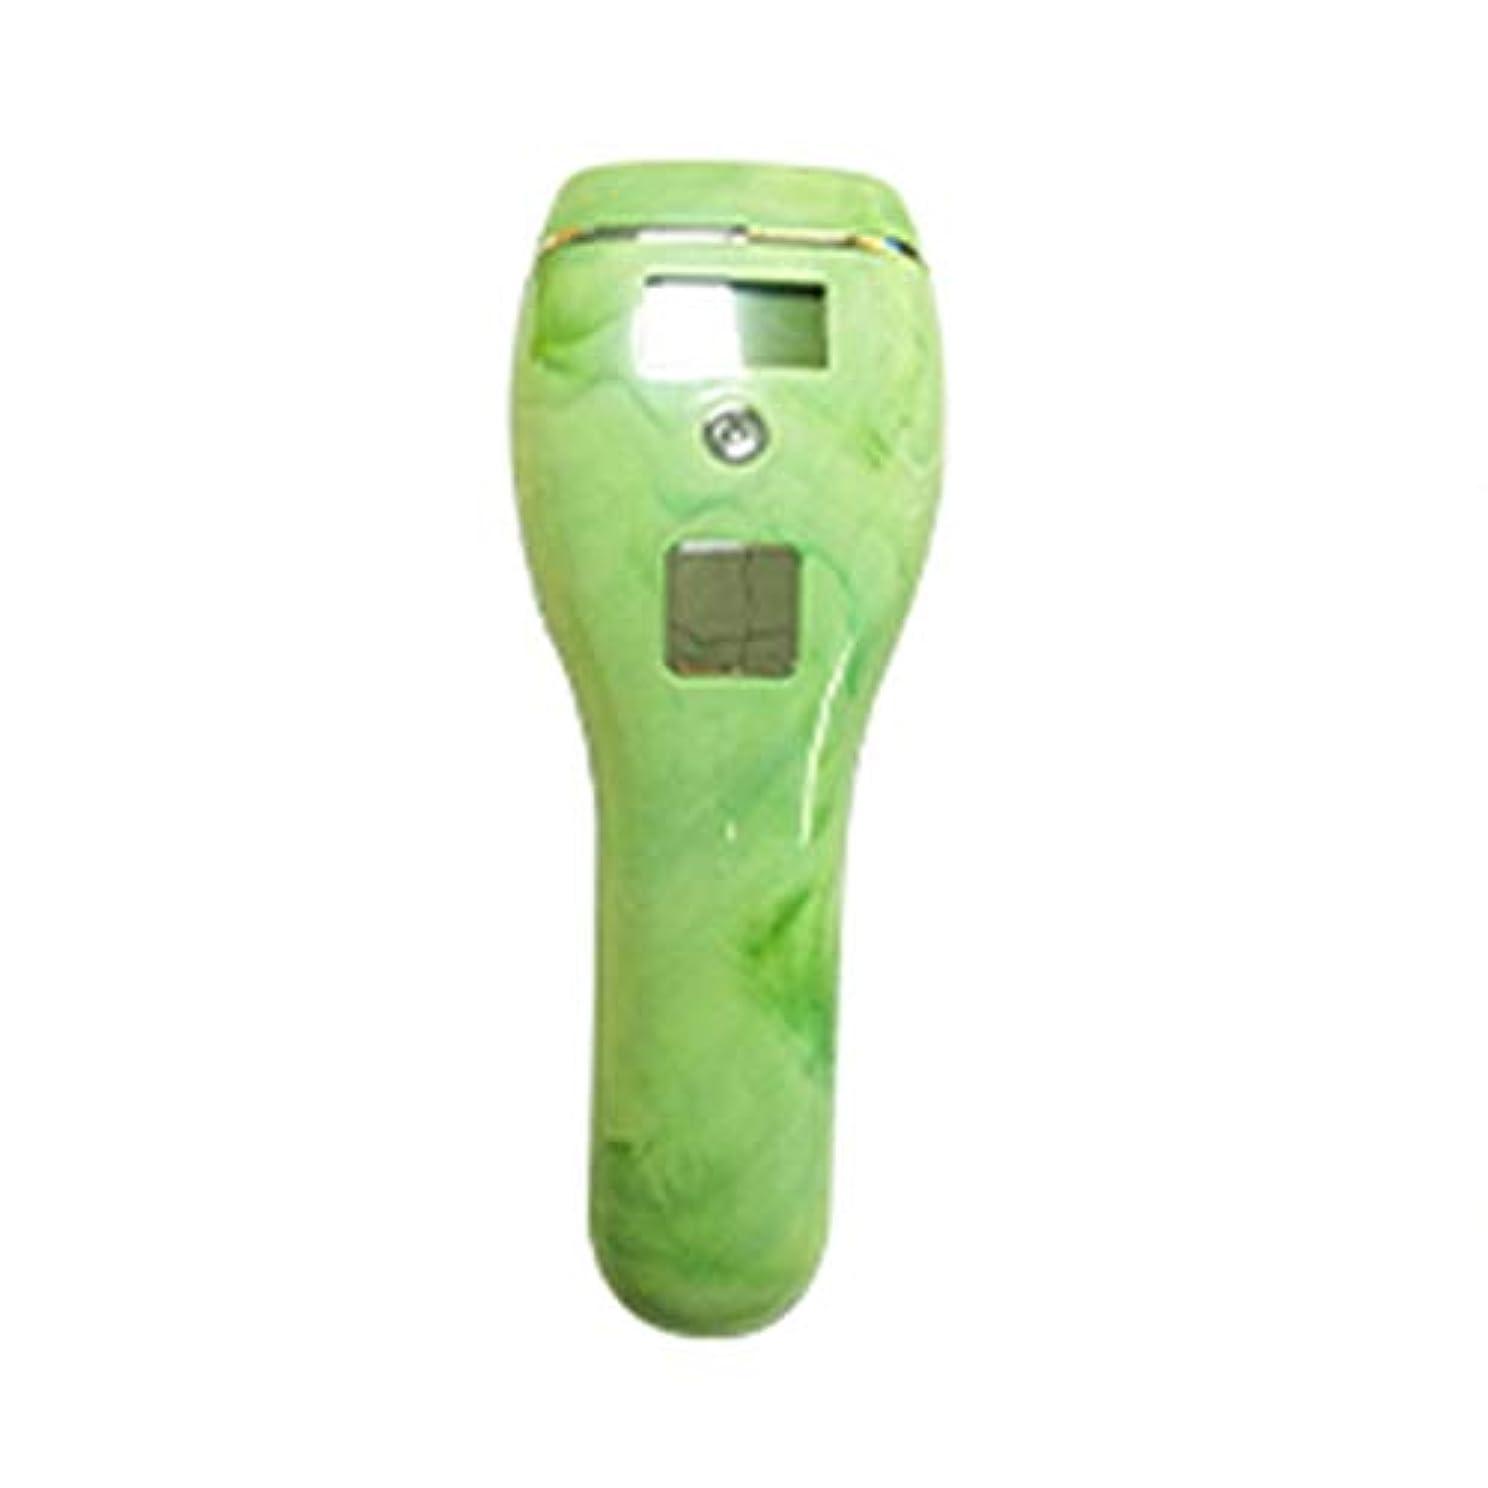 下位シリンダー計器自動肌のカラーセンシング、グリーン、5速調整、クォーツチューブ、携帯用痛みのない全身凍結乾燥用除湿器、サイズ19x7x5cm 安全性 (Color : Green)